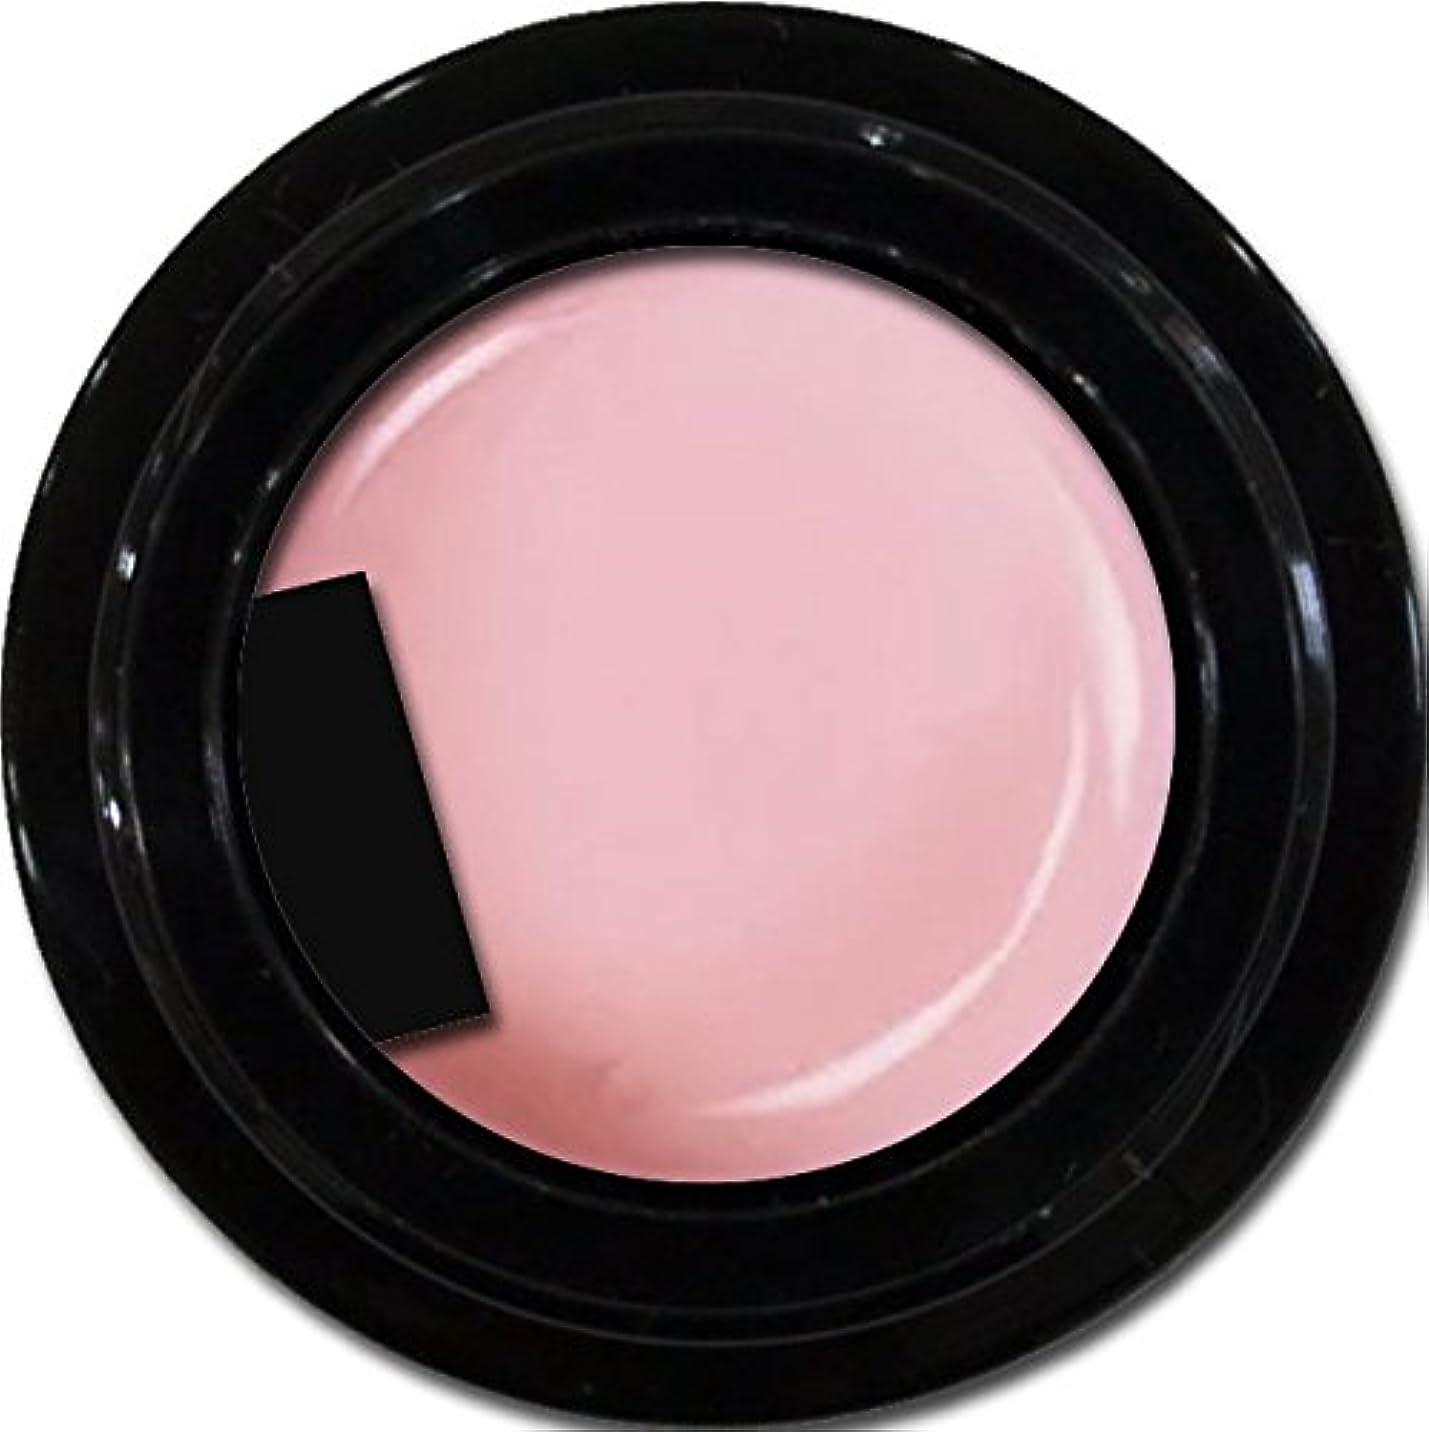 破壊的な療法汚れたカラージェル enchant gel color gel S502 Robe Sheer 3g/ エンチャントジェル カラージェル S502ローブシアー 3グラム